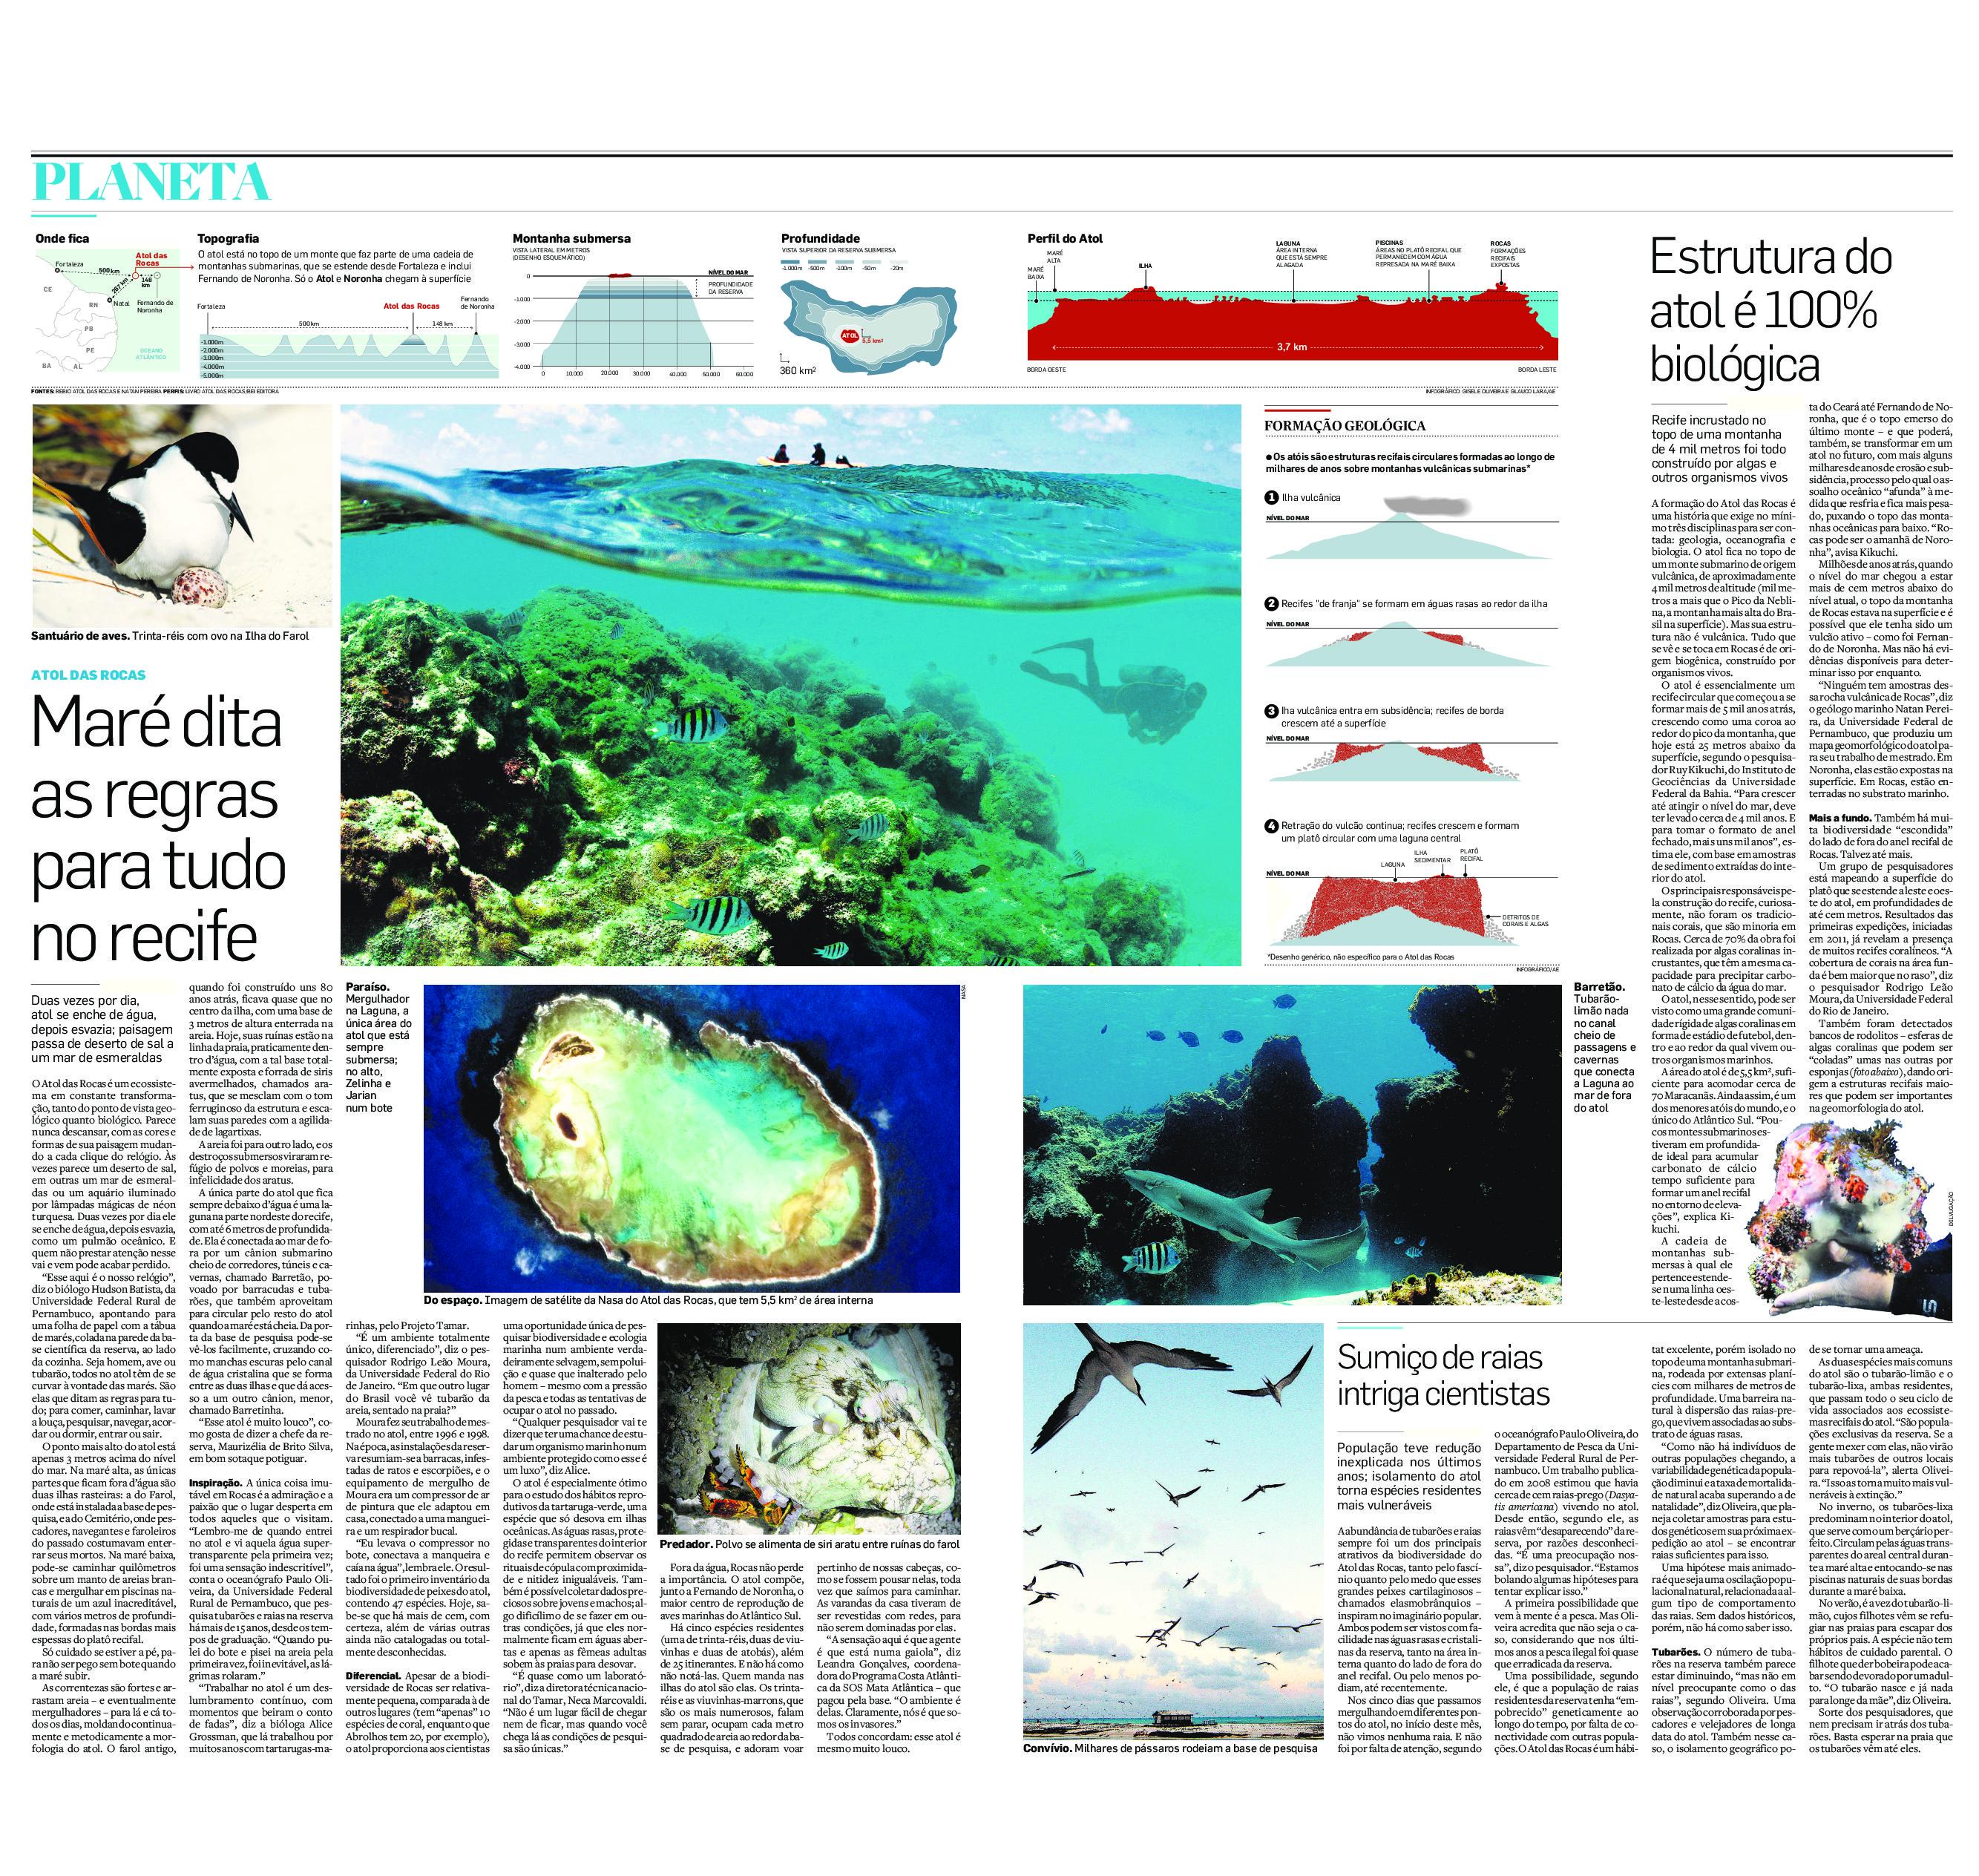 Atol das Rocas: Maré dita as regras para tudo no recife